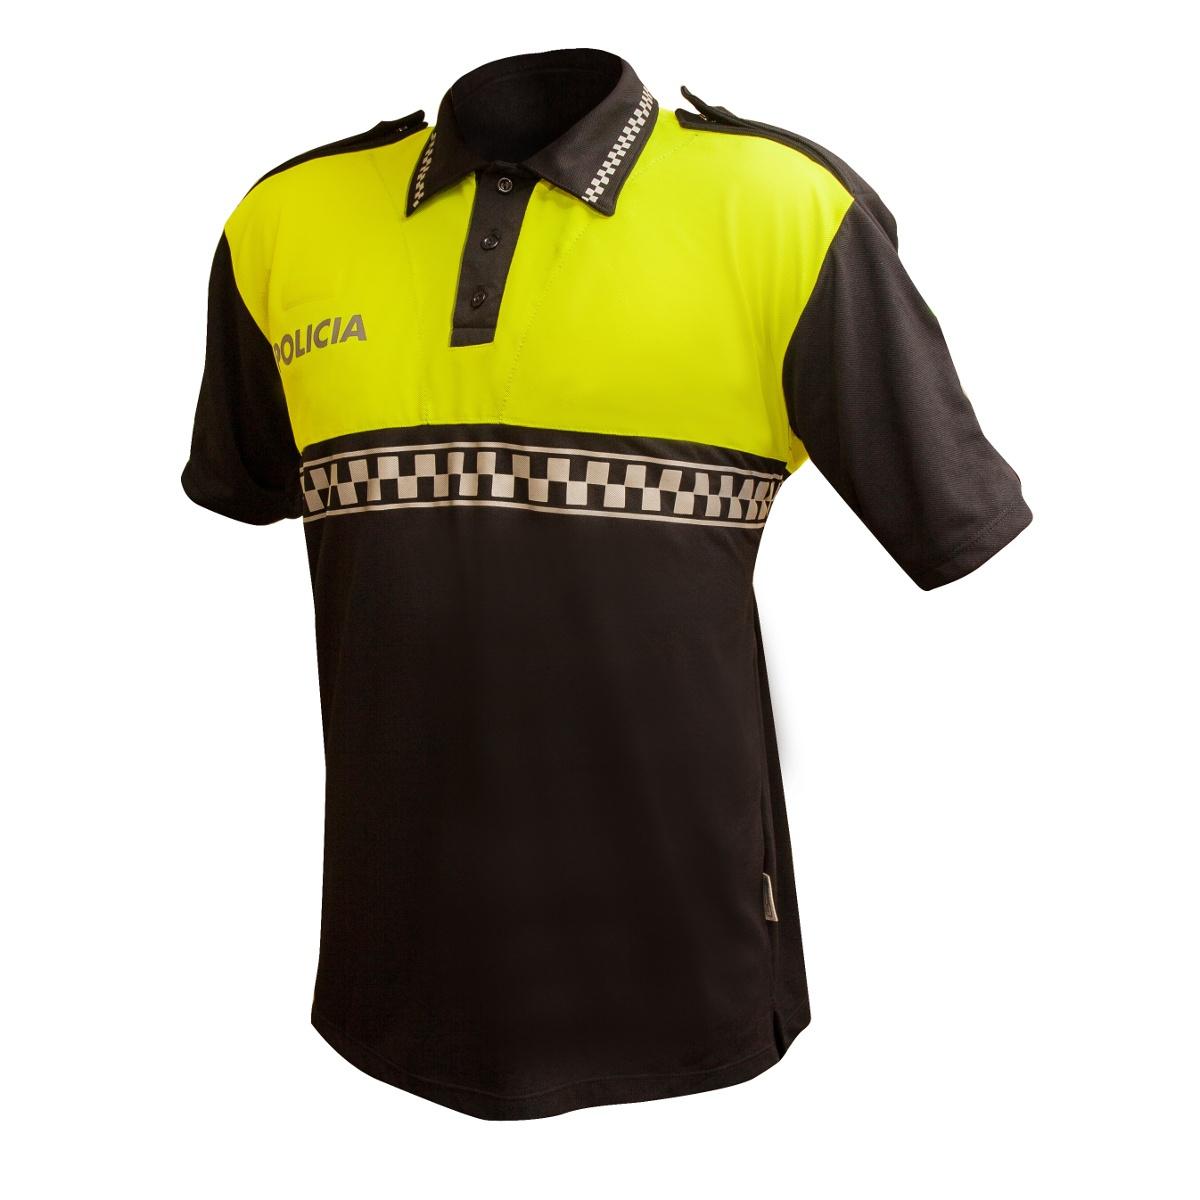 Camiseta Policía - Prendas EPI